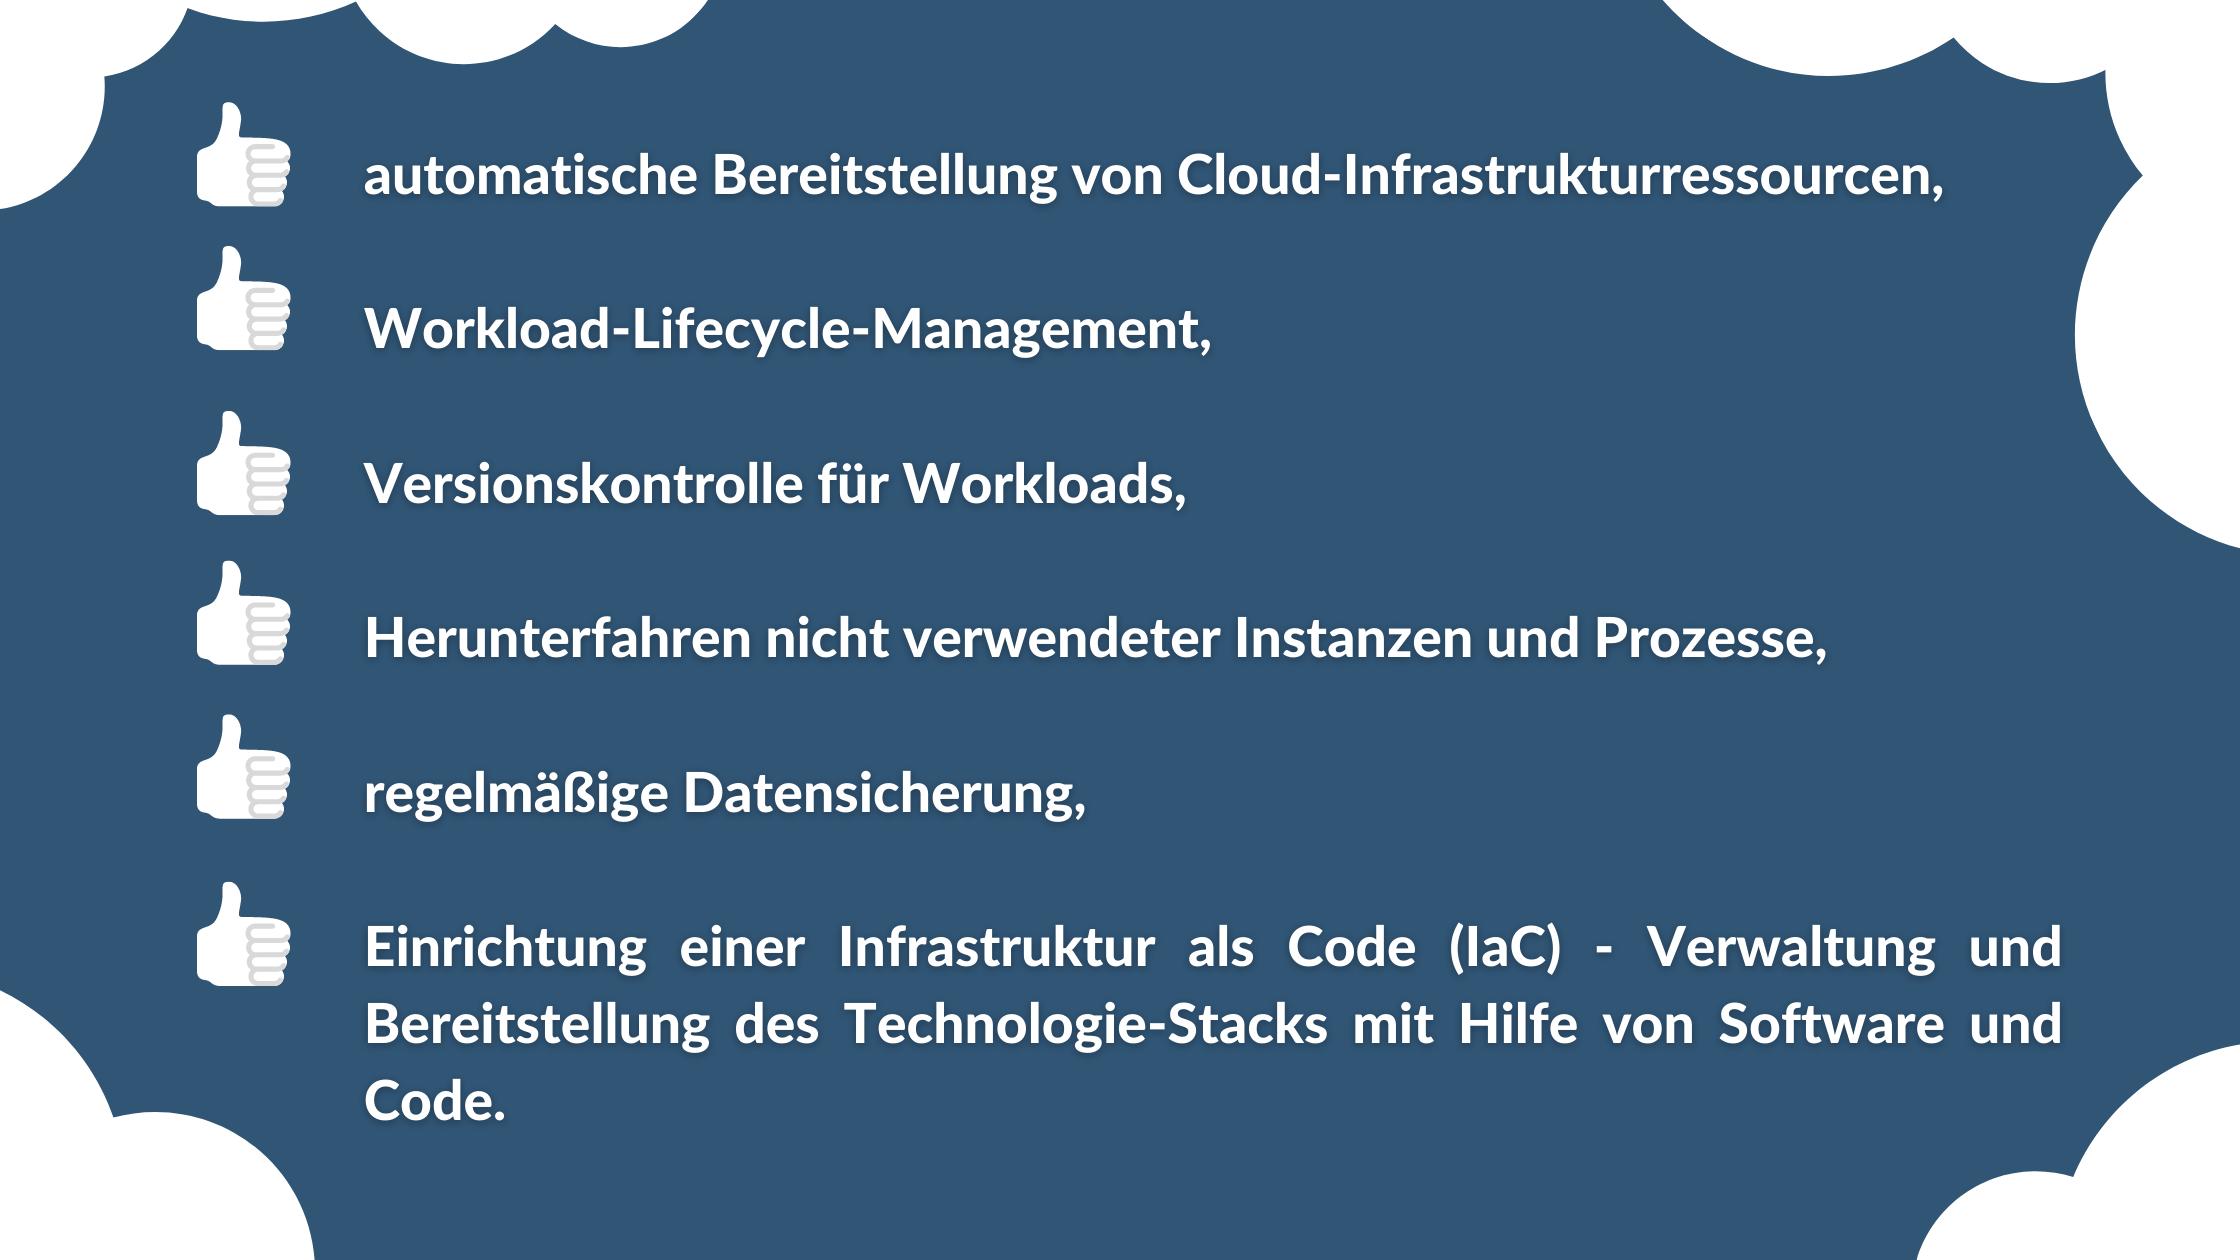 automatische Bereitstellung von Cloud-Infrastrukturressourcen, Workload-Lifecycle-Management, Versionskontrolle für Workloads, Herunterfahren nicht ve